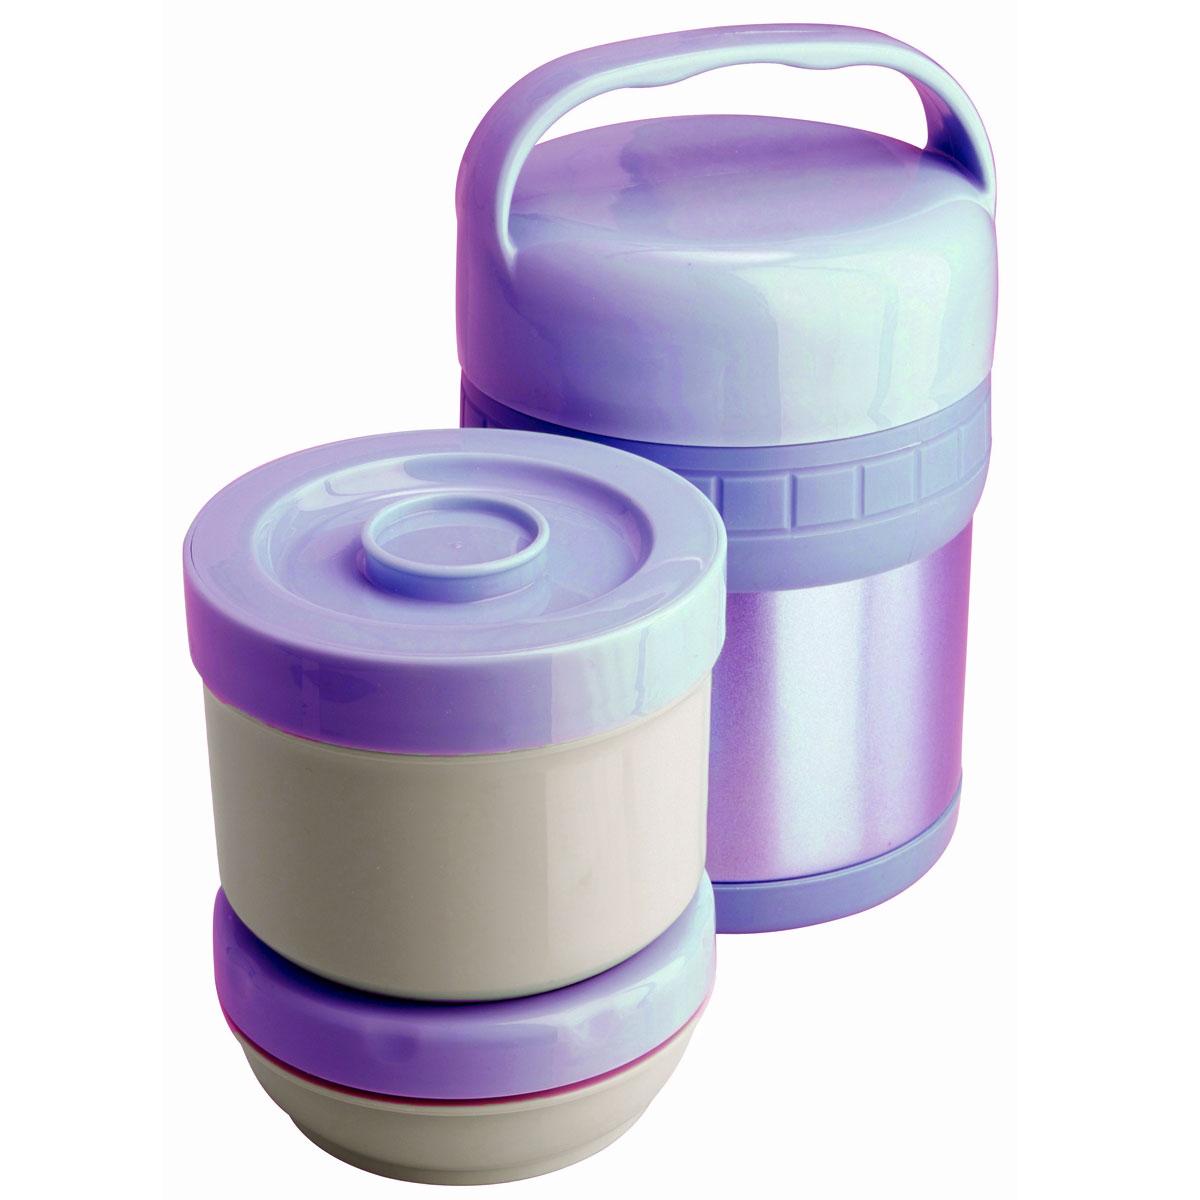 Термос ланч-бокс Regent Inox Soup, цвет: сиреневый, 1 л. 93-TE-S-3-1000V93-TE-S-3-1000VТермос Regent Inox Soup изготовлен из высококачественной пищевой нержавеющей стали, что обеспечивает высокую надежность и долговечность. Современная технология с вакуумной изоляцией и металлическая колба способствуют более длительному сохранению тепла. Внутри термоса предусмотрены два стальных лотка: лоток 1 с винтовой крышкой (650 мл), лоток 2 с герметичной крышкой (300 мл). Термос с широким горлом предназначен: - для хранения горячей пищи (первые и вторые блюда); - для хранения холодной пищи (мороженое, пельмени и пр.) и фруктов; - для хранения льда (нельзя хранить сухой лед). Термос способен сохранять горячую или холодную температуру до 24 часов - при температуре окружающей среды не ниже 18°С и температуре при заполнении не ниже +99+-1°С. Термос удобен в использовании дома, на даче, в турпоходе и на рыбалке. Пригодится на работе, в офисе и командировке, экономит электроэнергию и время. Нельзя мыть в посудомоечной машине. Нельзя мыть...